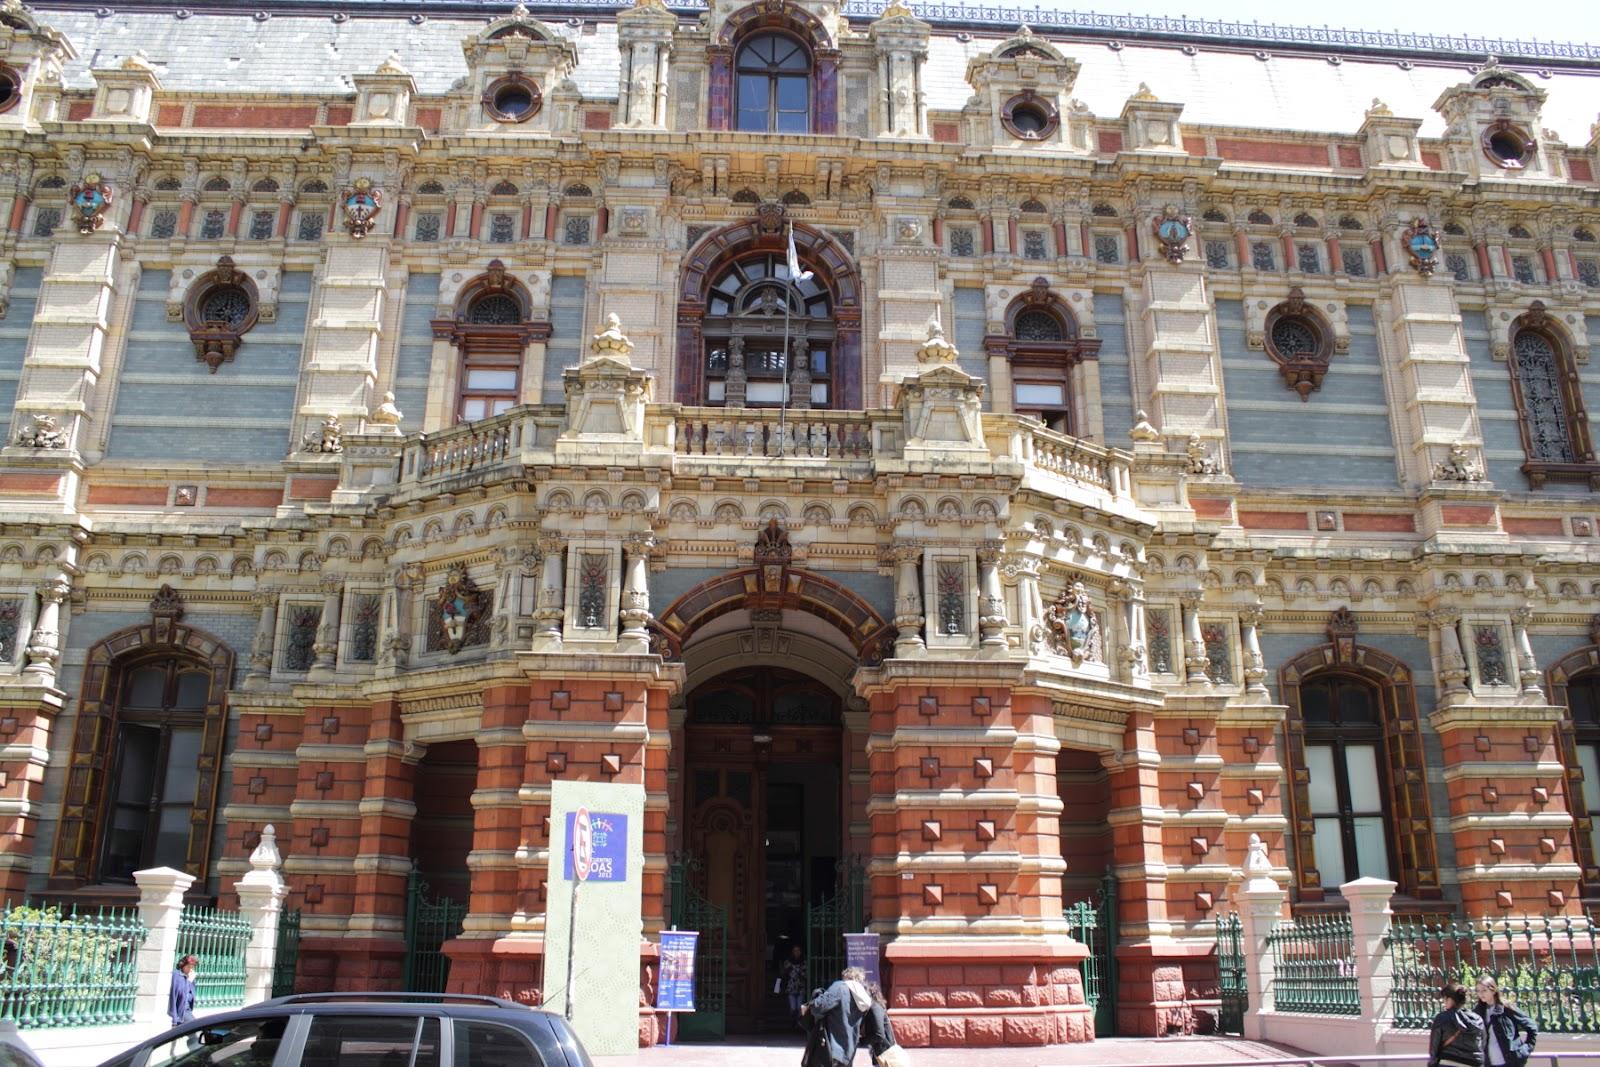 Palacio de Aguas Corrientes - The Palace of Flowing Waters